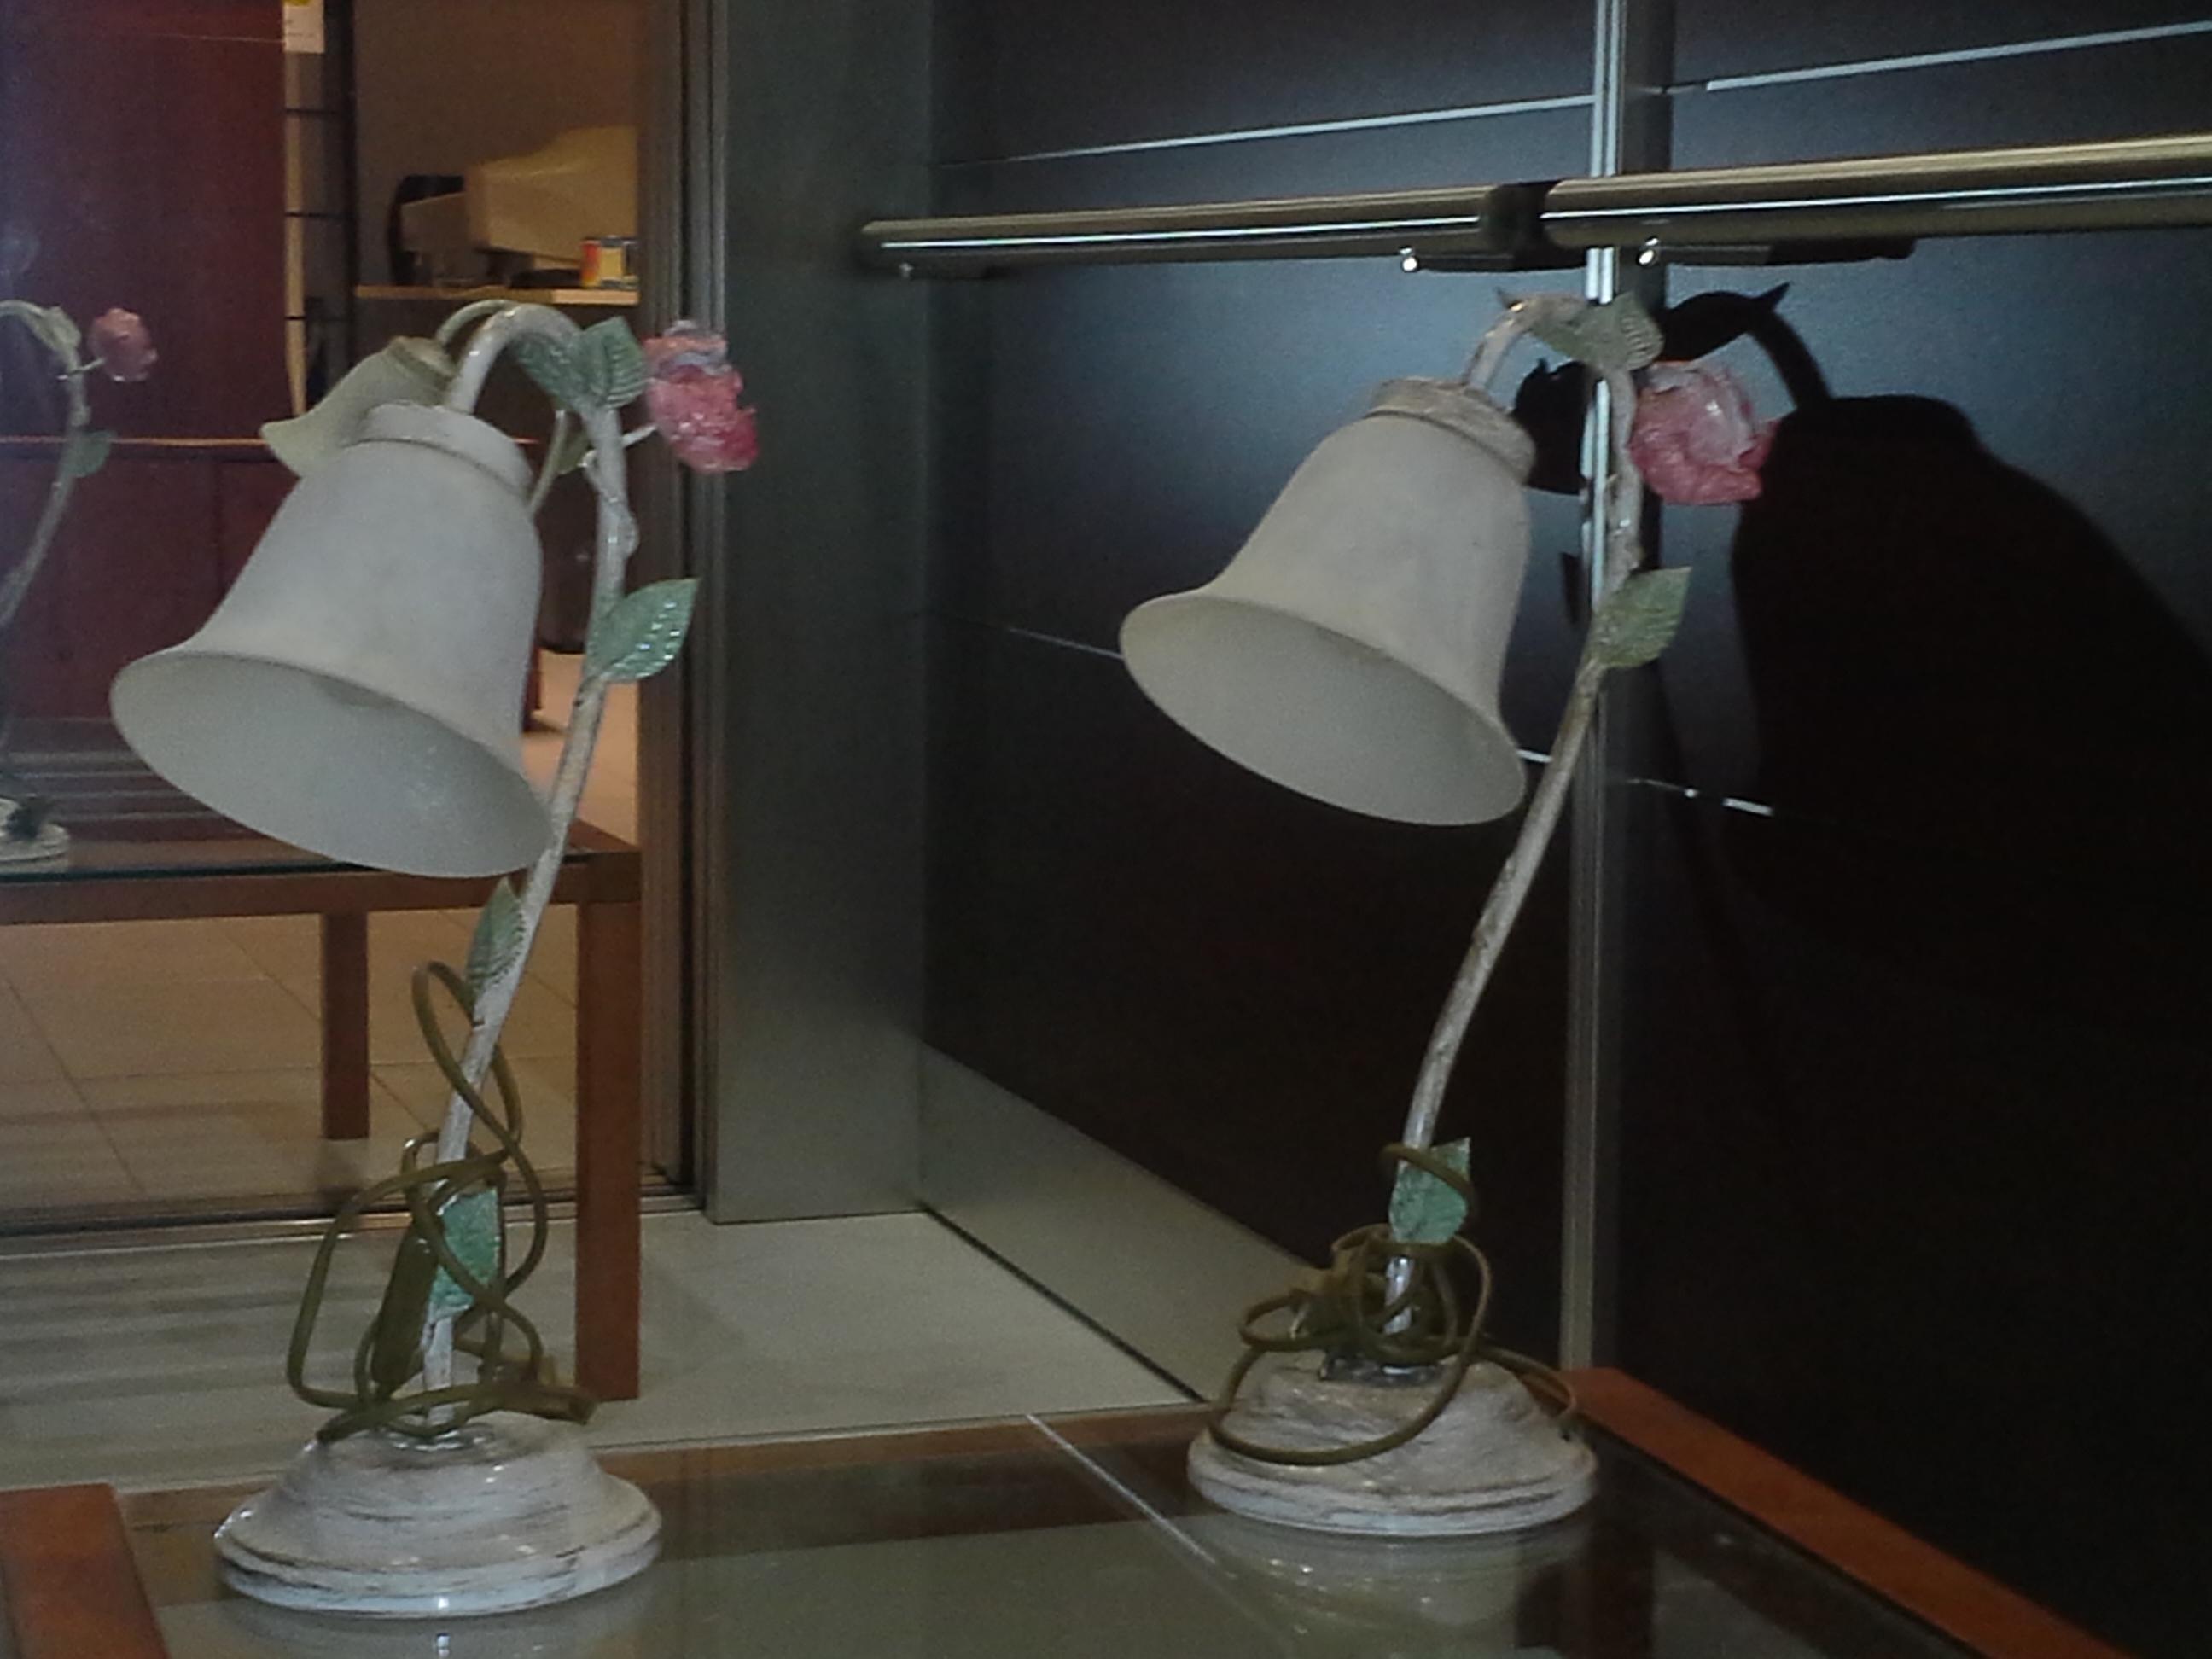 Lampada in ferro battuto - Illuminazione a prezzi scontati